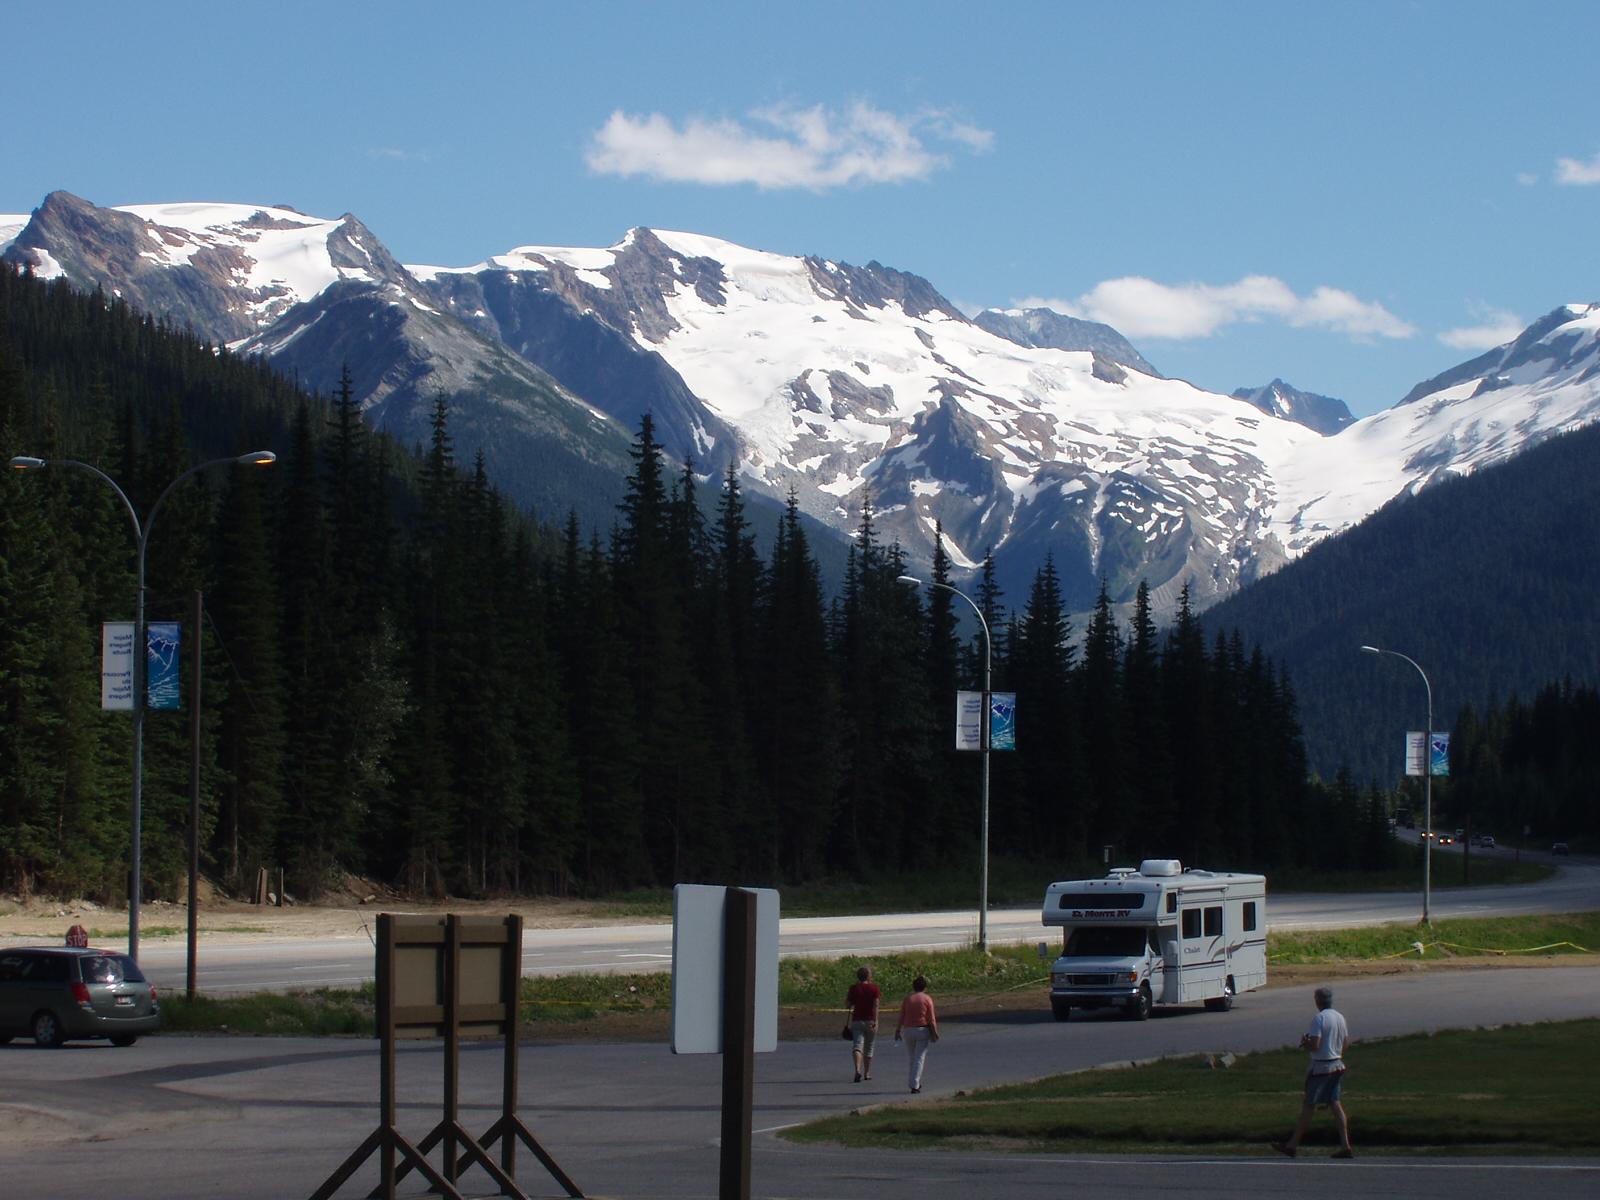 トランスカナダハイウェイ・ロジャーズパスからの氷河と山々の展望